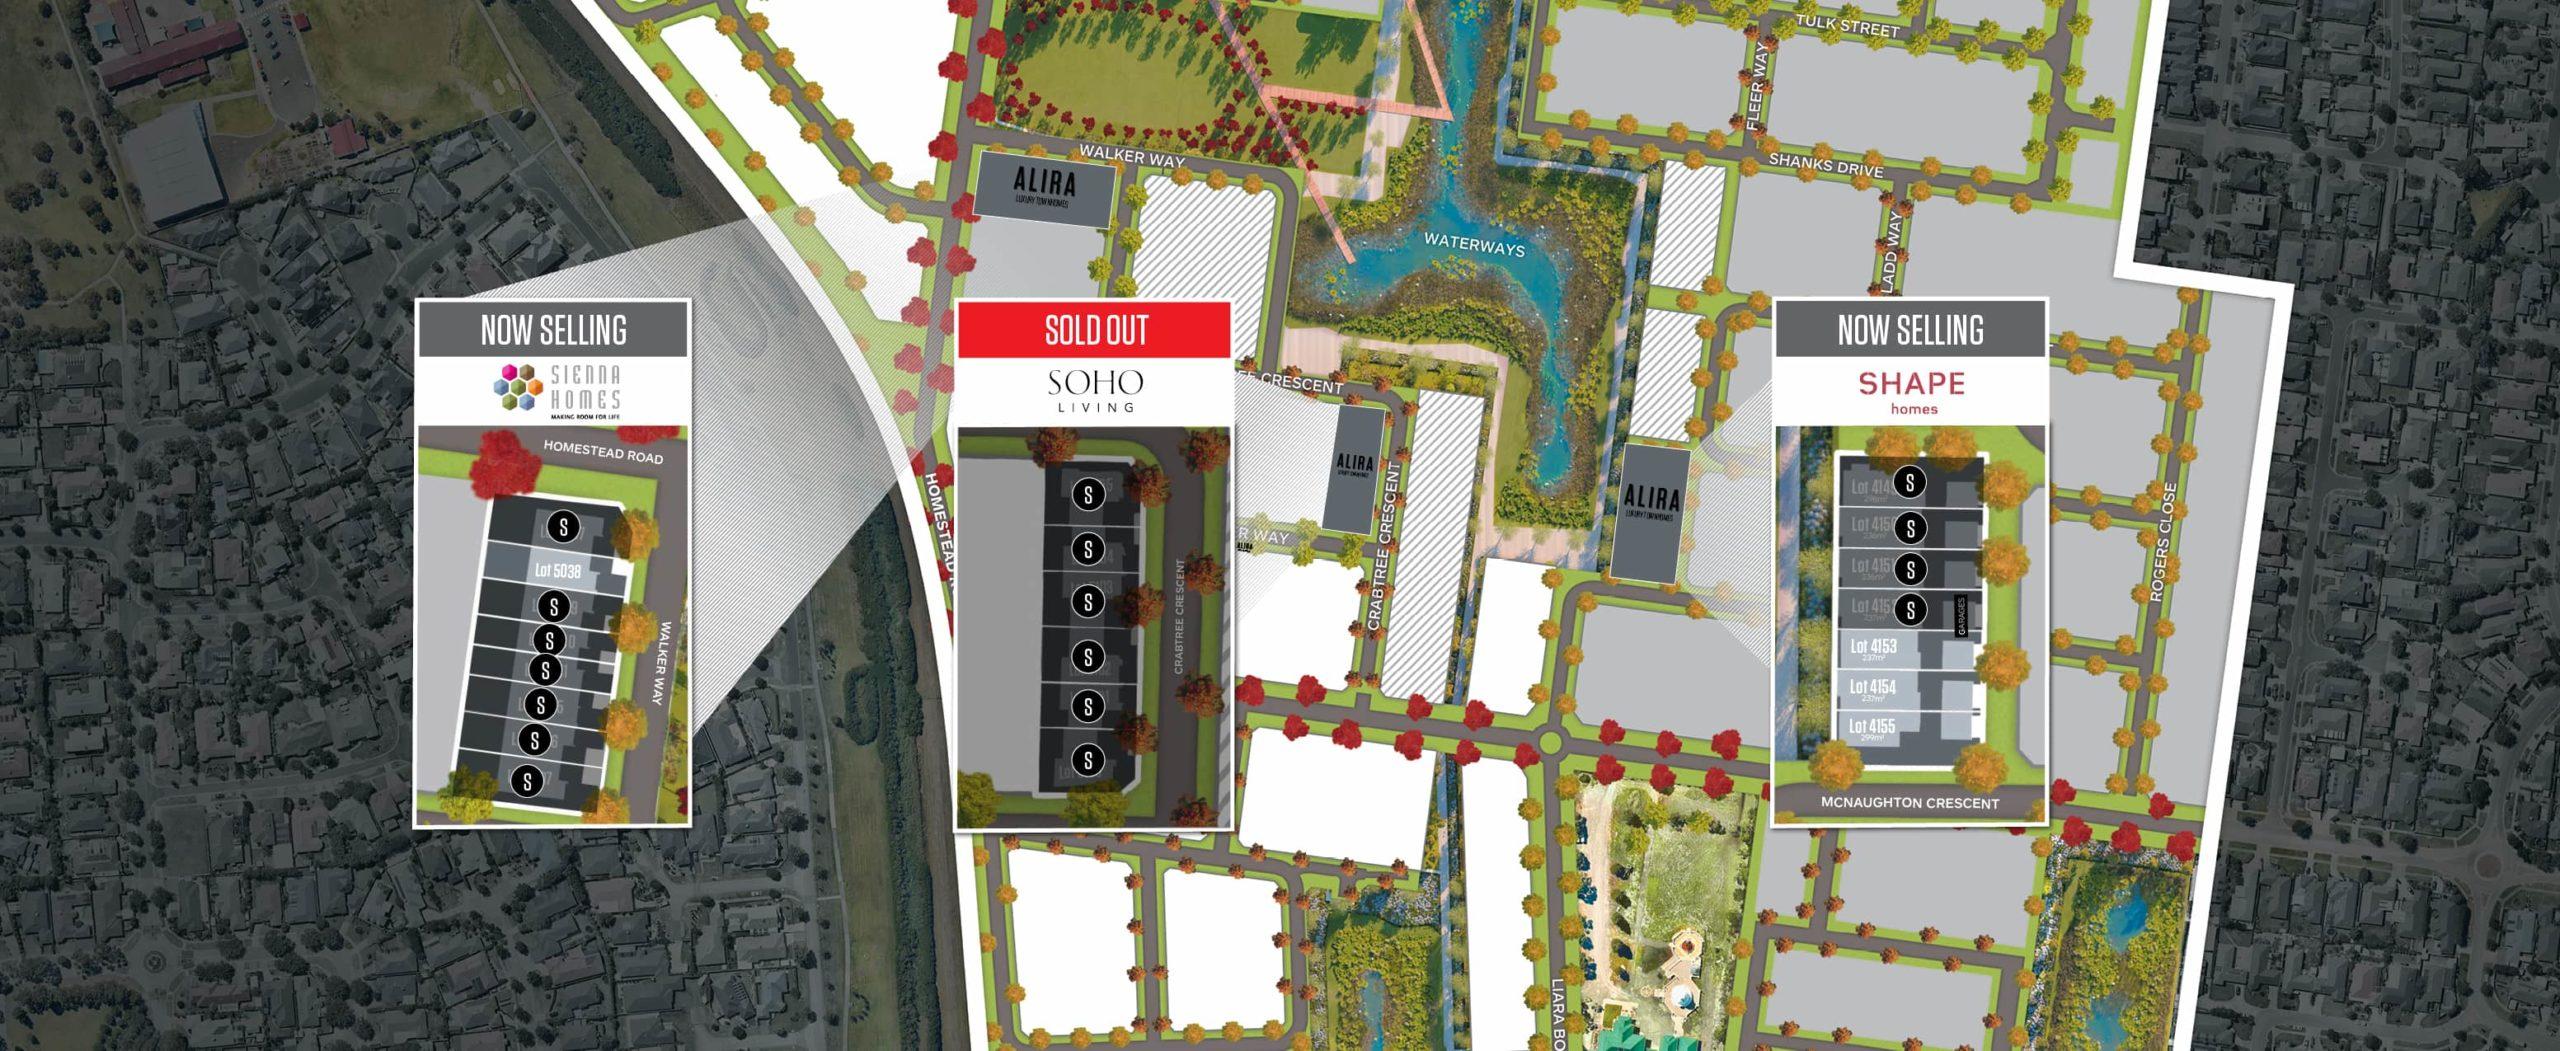 BWL21593 - ALIRA - Masterplan Image